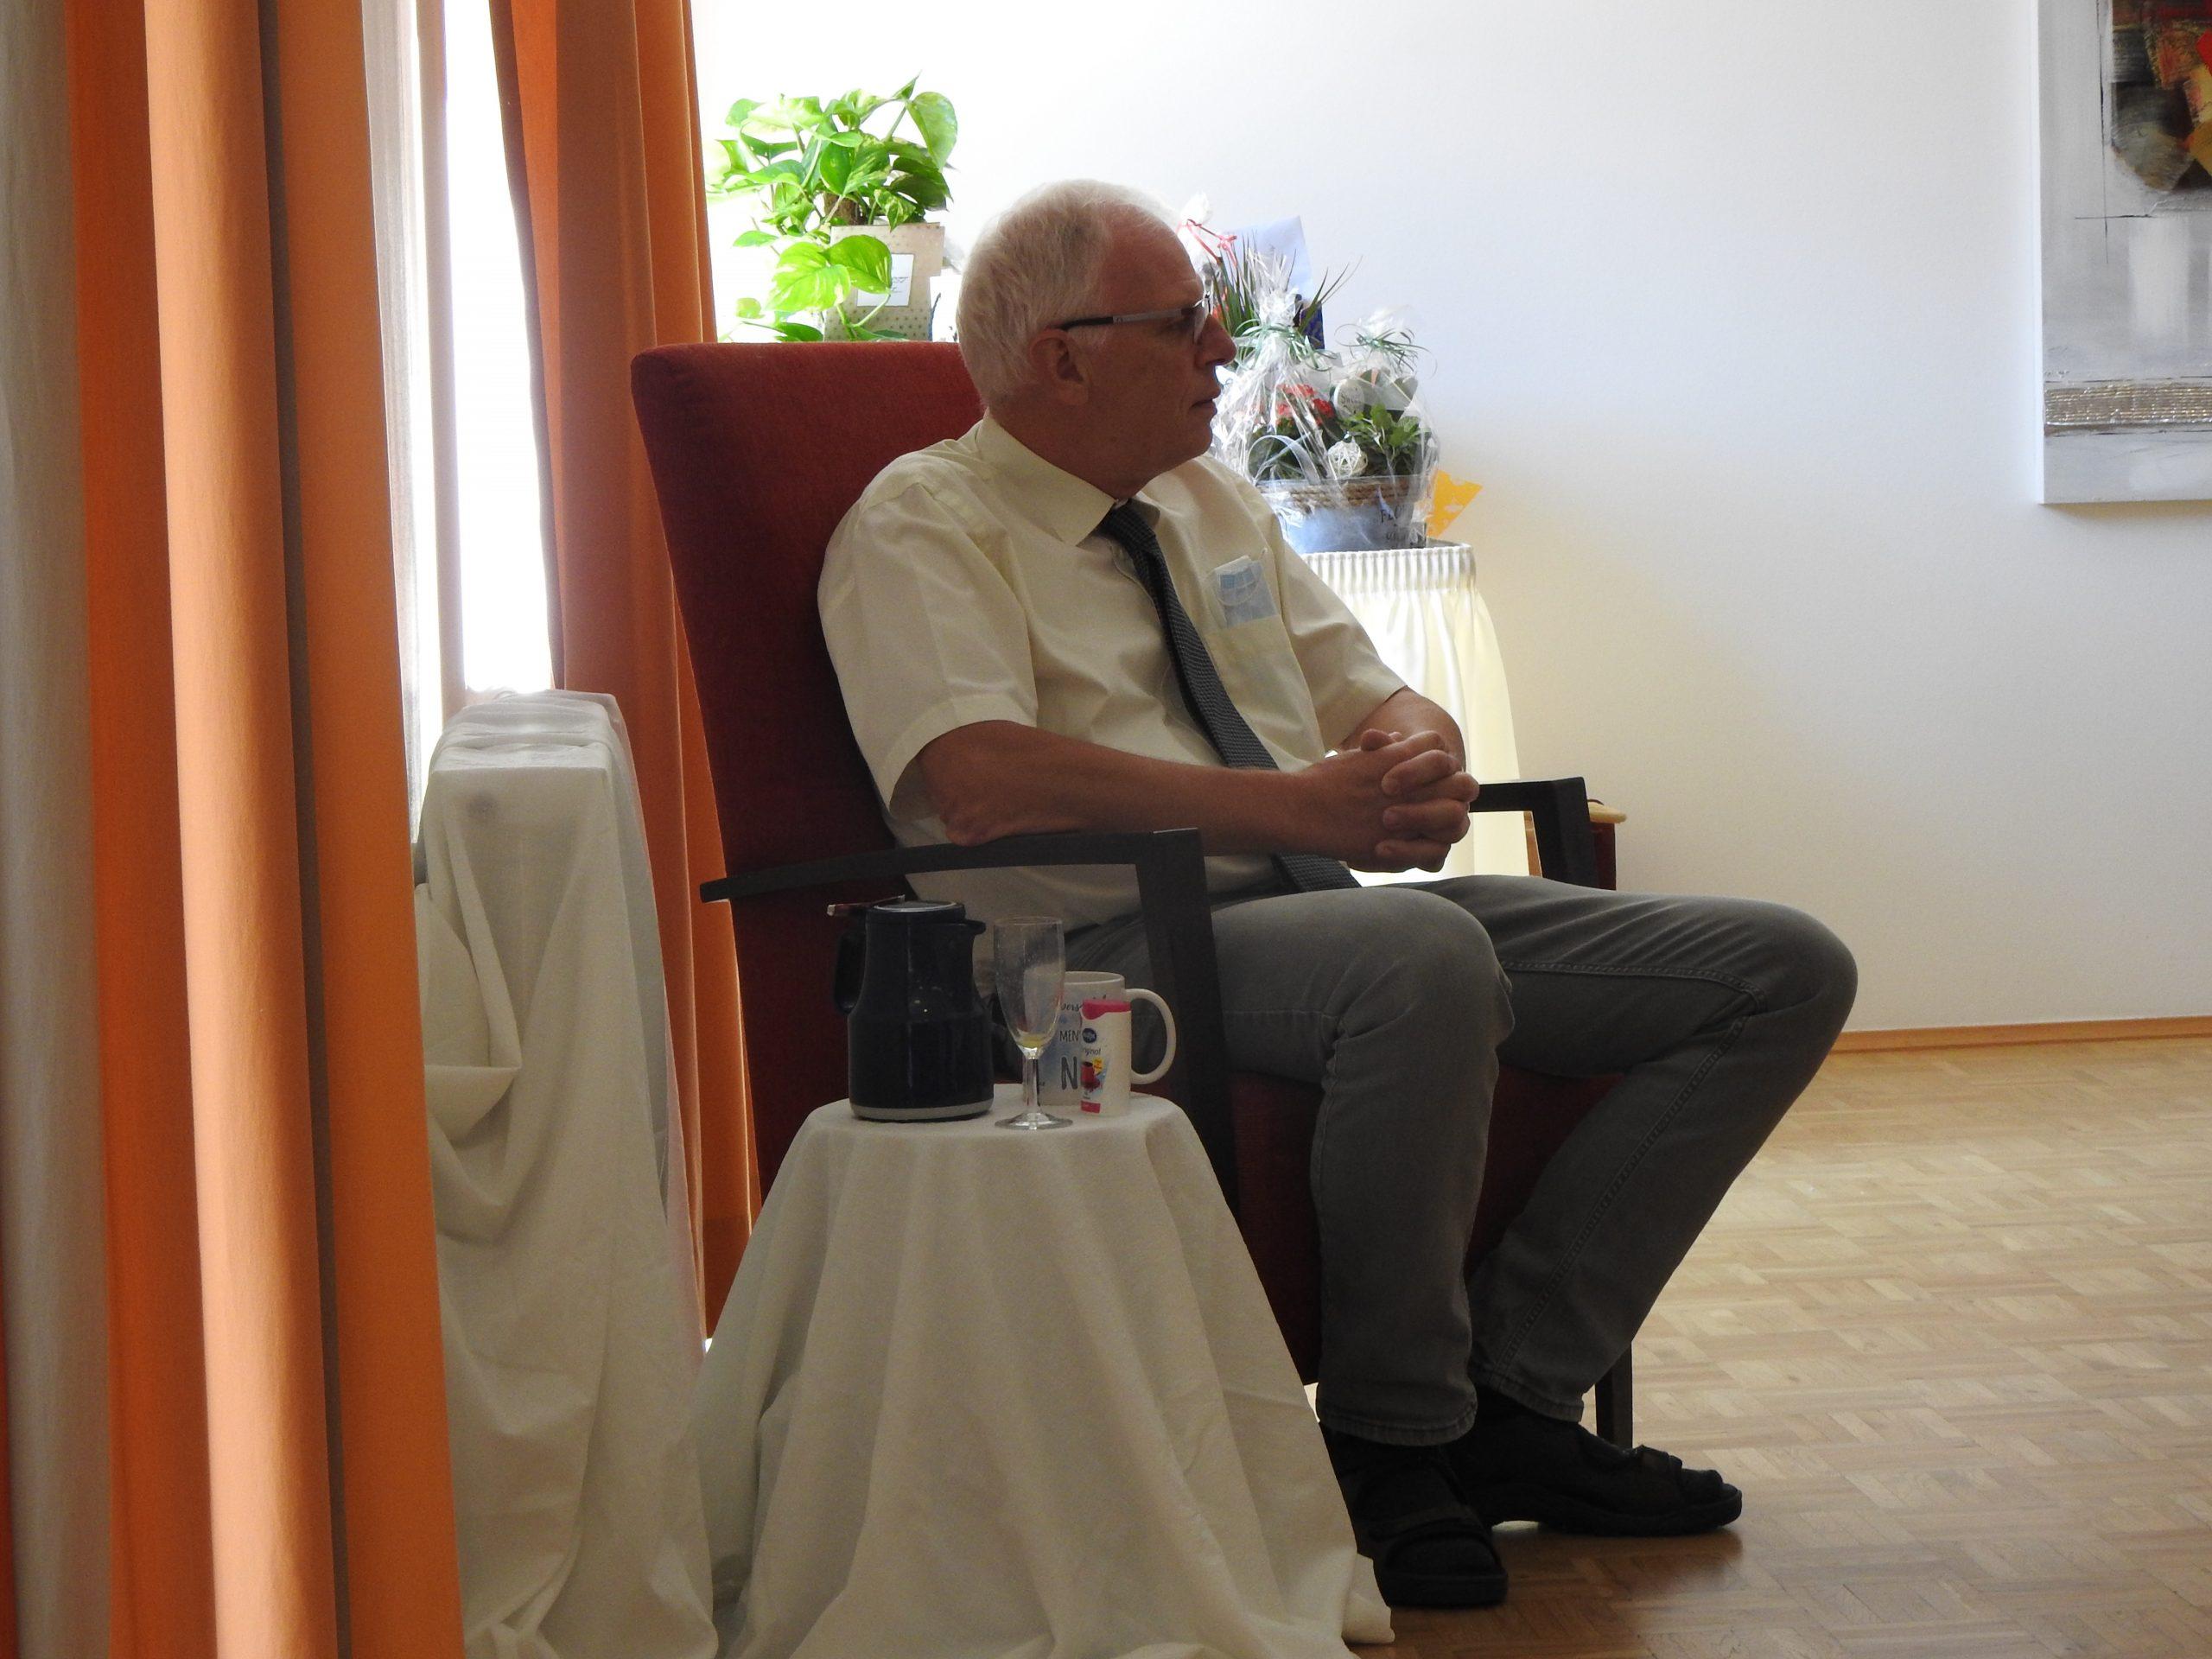 Abschied, die Zweite – Fachbereichsleiter Heinz-Wilhelm Schmitz blickte zurück und ließ sich feiern 1